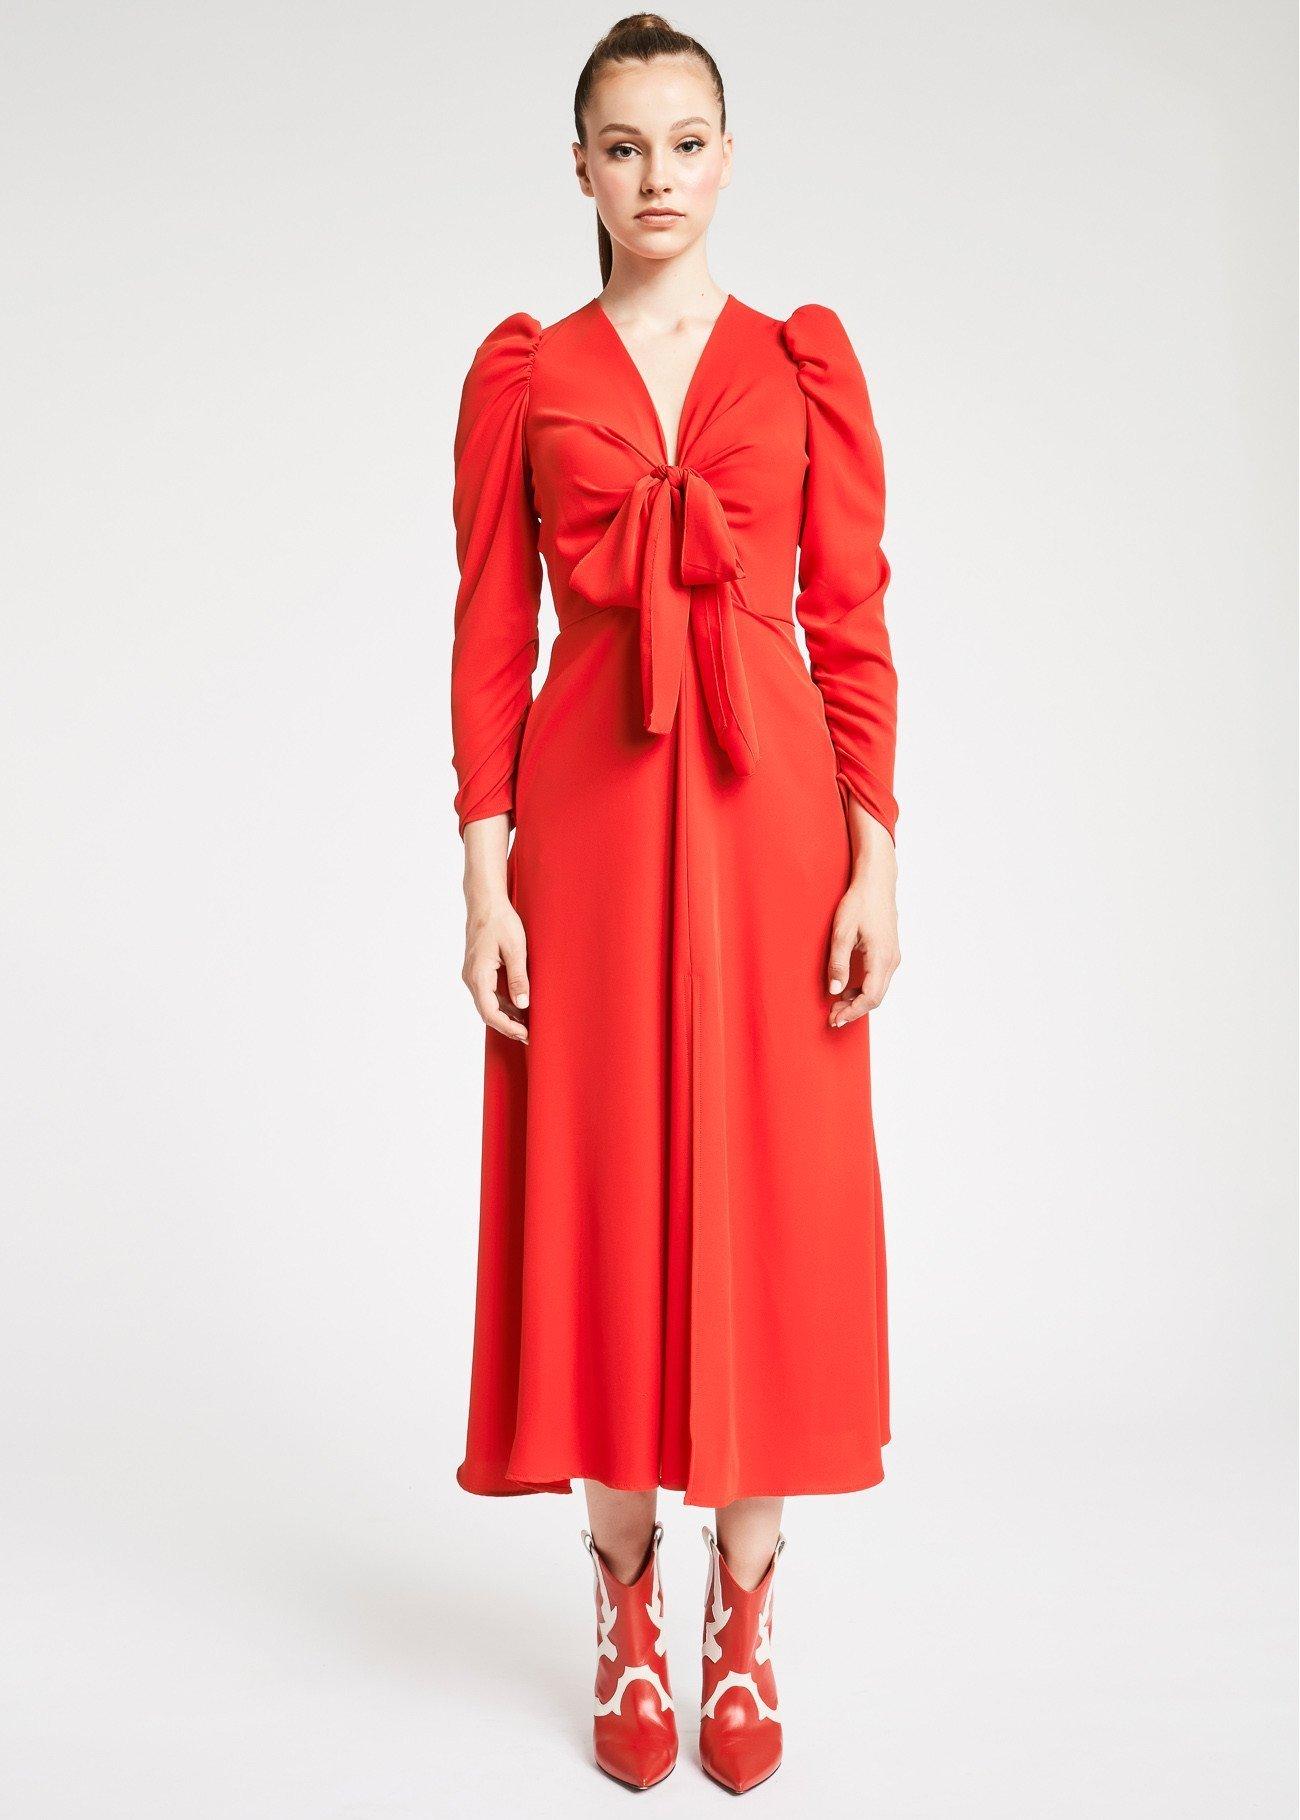 Vestito lungo denny Rose catalogo autunno inverno 2019 2020 prezzo 119 euro